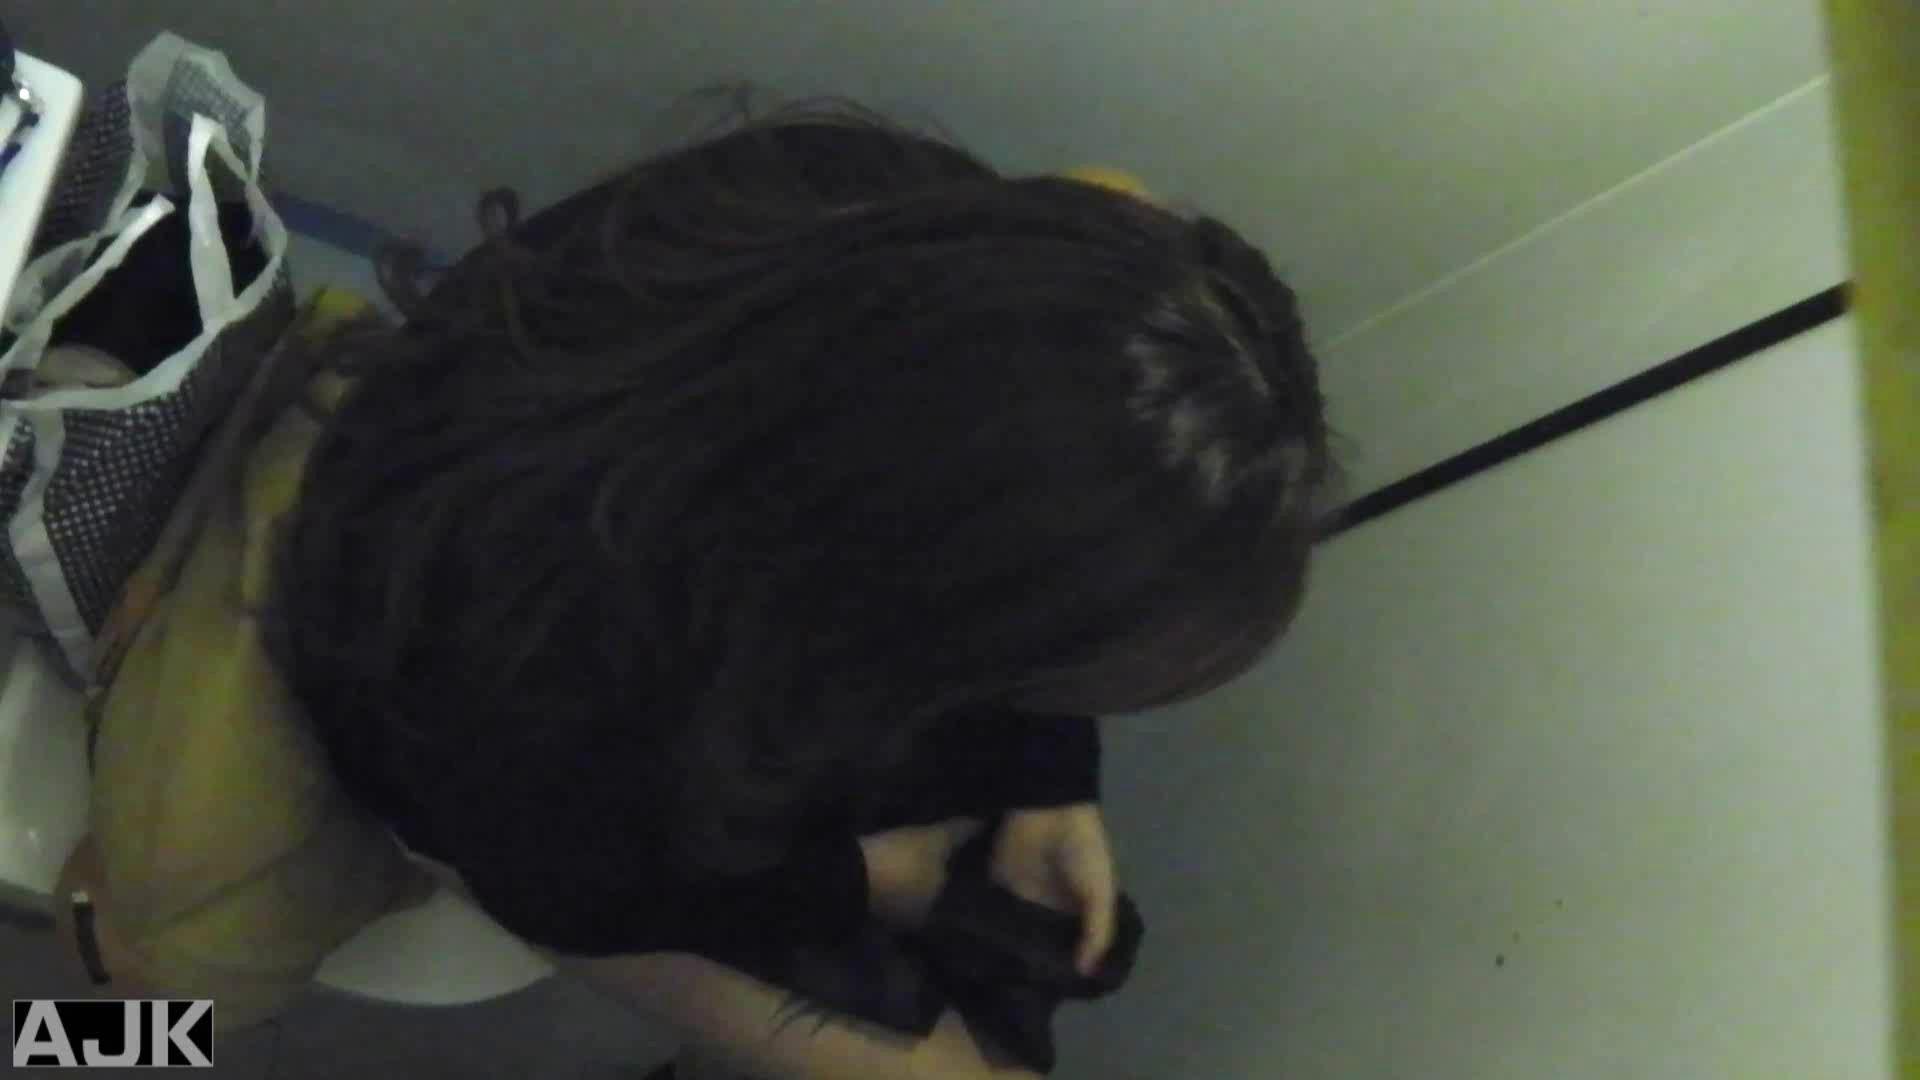 隣国上階級エリアの令嬢たちが集うデパートお手洗い Vol.22 OL  88pic 23